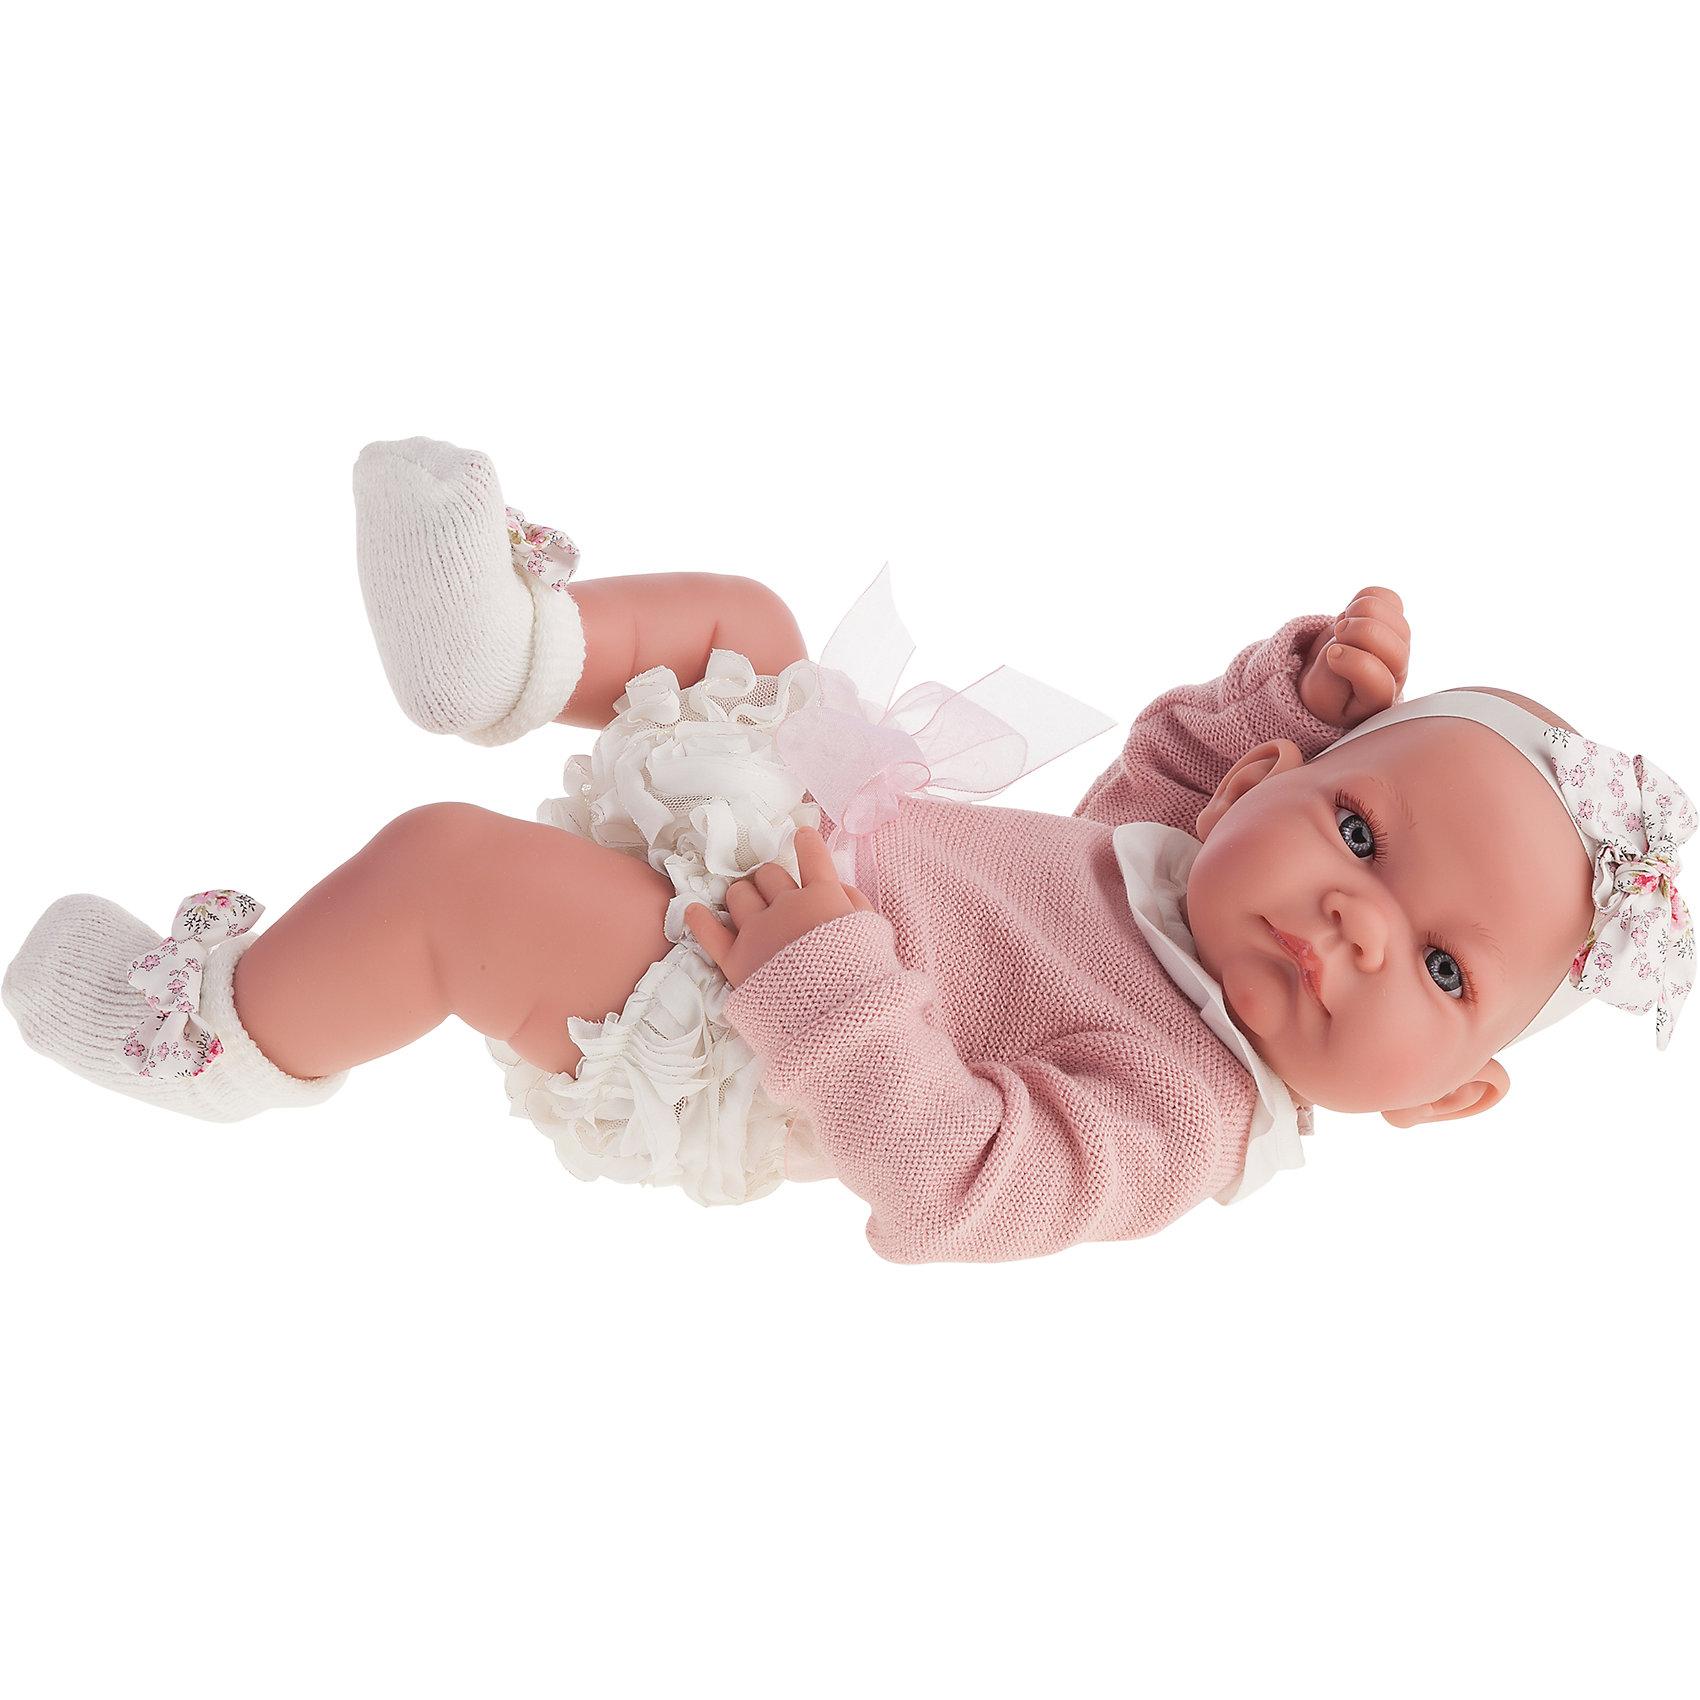 Кукла-младенец Эмма, 42 см, Munecas Antonio JuanКлассические куклы<br>Кукла-младенец Эмма, 42 см, Munecas Antonio Juan (Мунекас от Антонио Хуан) ? это очаровательная малышка от всемирно известного испанского бренда Мунекас от Антонио Хуан, который знаменит своими реалистичными куклами. Кукла изготовлена из винила высшего качества, ручки и ножки подвижны, голова поворачивается в стороны, глазки не закрываются. <br>Нежные черты лица, розовые щечки, пухленькие губки, курносый носик.  <br>Кукла-младенец Эмма, 42 см, Munecas Antonio Juan (Мунекас от Антонио Хуан) разработана с учетом анатомических особенностей и мимики младенцев. Играя с пупсом, ваш ребенок реалистично проживает роль «мамы», учится ухаживать за малышом, заботиться о нем.<br>Эмма одета в ажурные трусики, розовую кофточку, на ножках носочки, на голове стильная повязка.<br>Куклы JUAN ANTONIO munecas (Мунекас от Антонио Хуан) ? мечта девочки любого возраста!<br><br>Дополнительная информация:<br><br>- Вид игр: сюжетно-ролевые игры <br>- Материал: винил, текстиль<br>- Высота куклы: 42 см<br>- Особенности ухода: одежда ? ручная стирка, куклу можно купать <br><br>Подробнее:<br><br>• Для детей в возрасте: от 3 лет и до 6 лет<br>• Страна производитель: Испания<br>• Торговый бренд: JUAN ANTONIO munecas <br><br>Куклу-младенца Эмму, 42 см, Munecas Antonio Juan (Мунекас от Антонио Хуан) (Мунекас от Антонио Хуан) можно купить в нашем интернет-магазине.<br><br>Ширина мм: 505<br>Глубина мм: 265<br>Высота мм: 160<br>Вес г: 7300<br>Возраст от месяцев: 36<br>Возраст до месяцев: 72<br>Пол: Женский<br>Возраст: Детский<br>SKU: 4792900